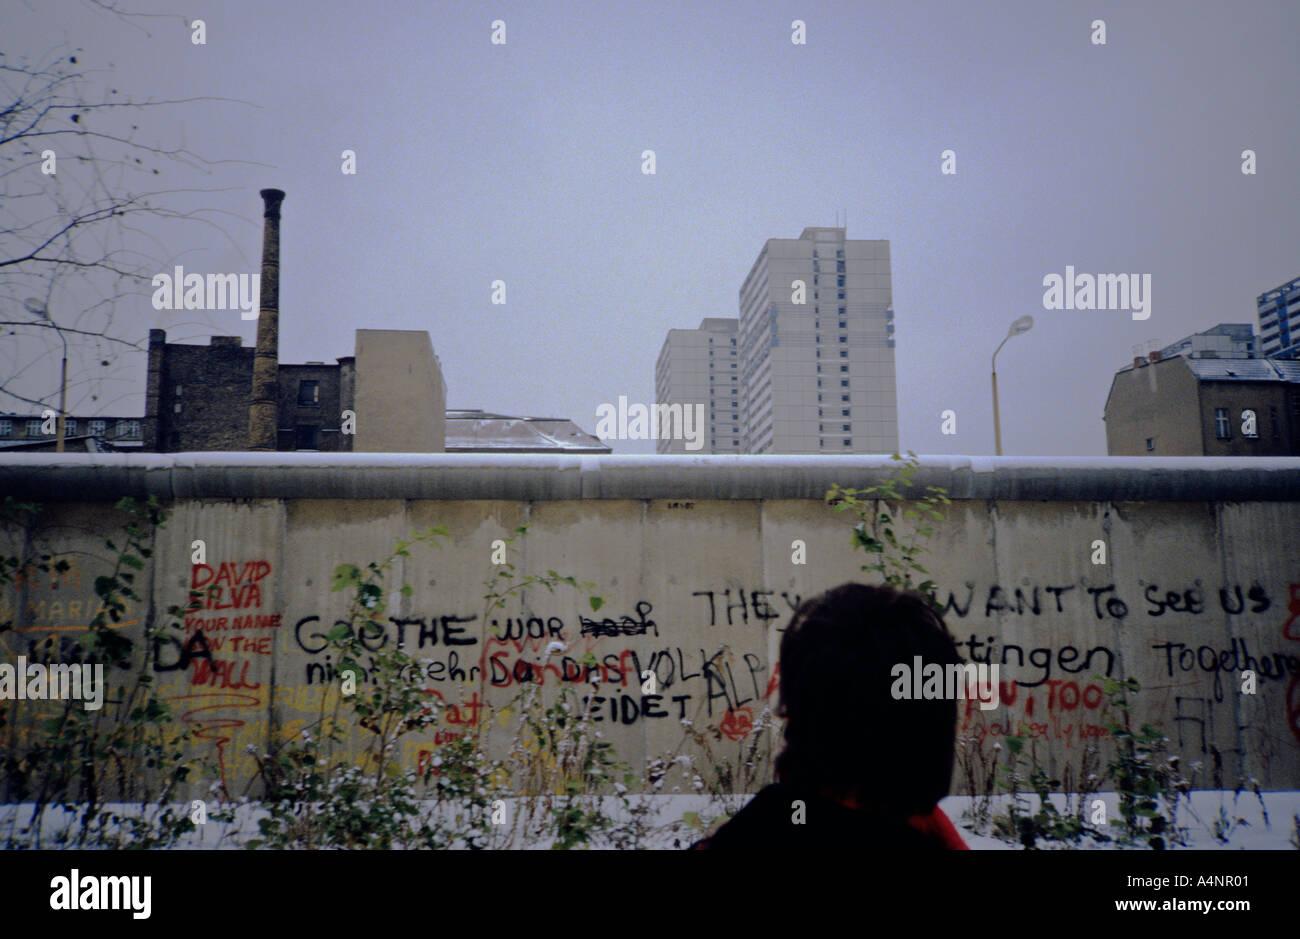 La historia de la guerra fría. El muro de Berlín vista desde el oeste en un triste día de invierno fríos con nieve en 1984. Imagen De Stock